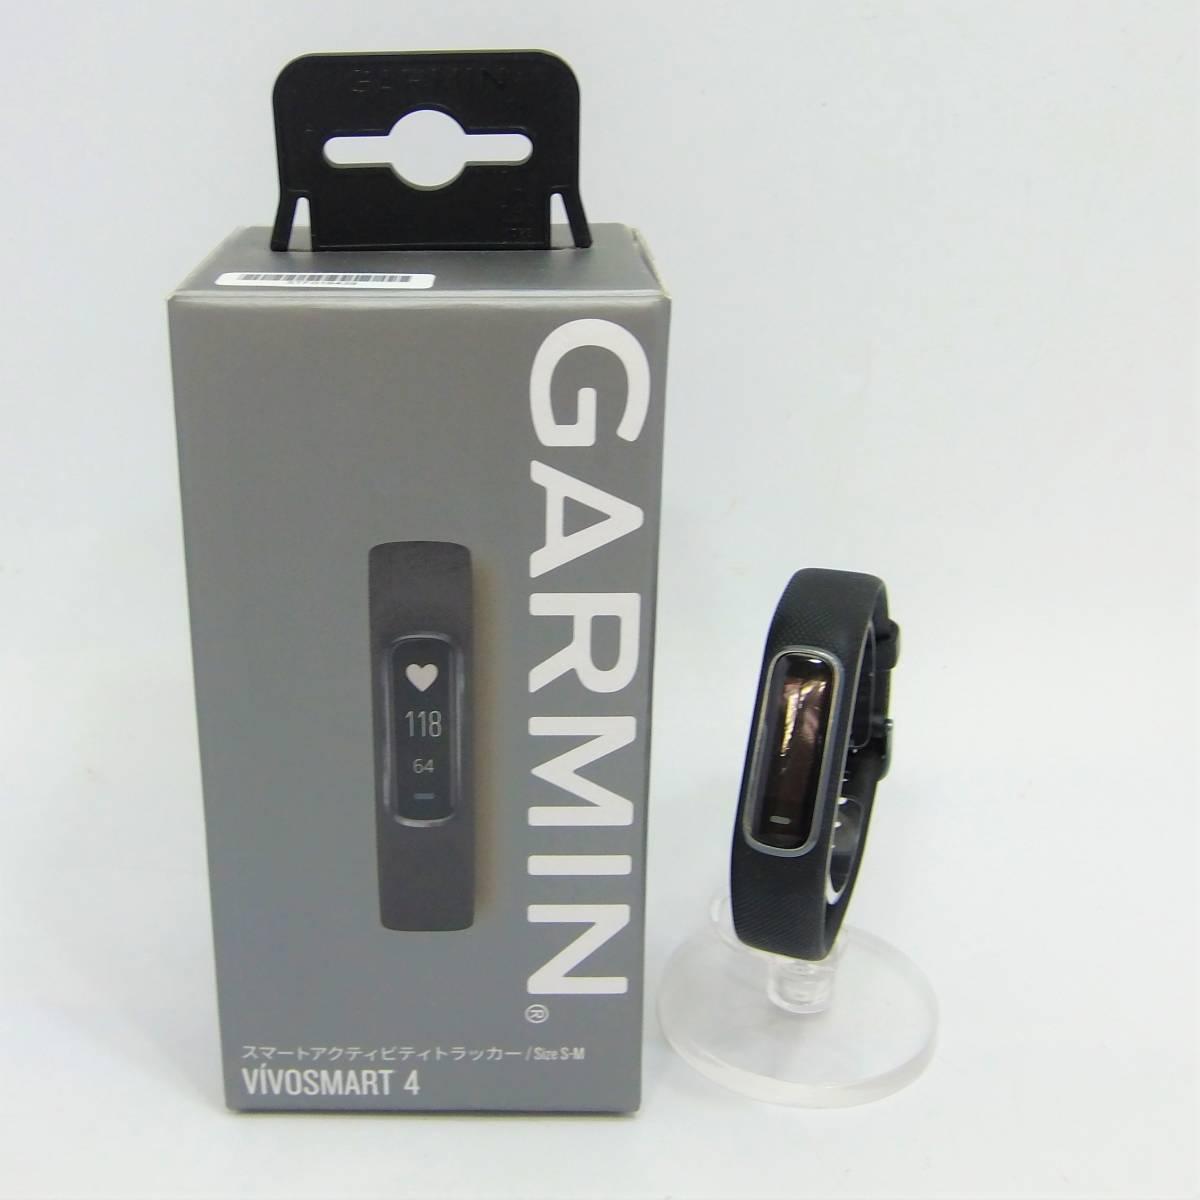 [通電確認・初期化済み] ガーミン GARMIN vivosmart 4 スマートウォッチ レギュラーサイズ S-M リセット済 [アプリ同期・初期動作確認済]_画像1